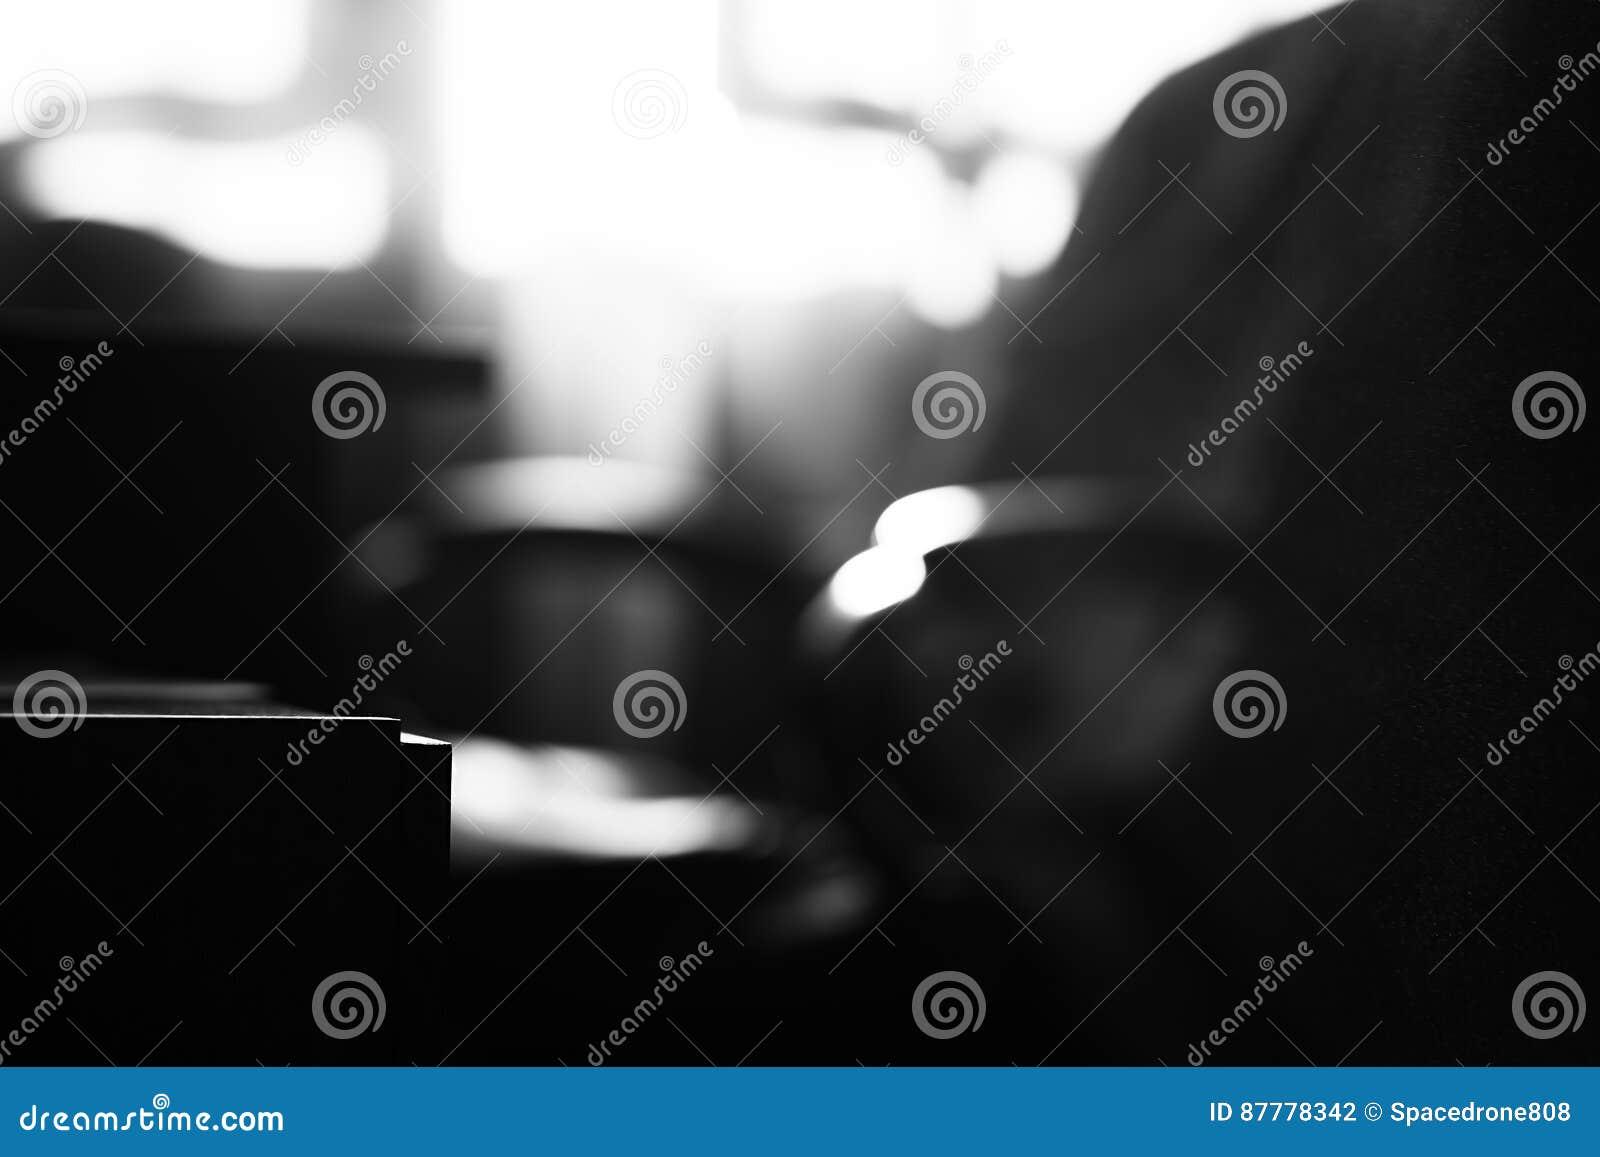 Fond poussiéreux de bokeh de chaise de bureau noir et blanc photo